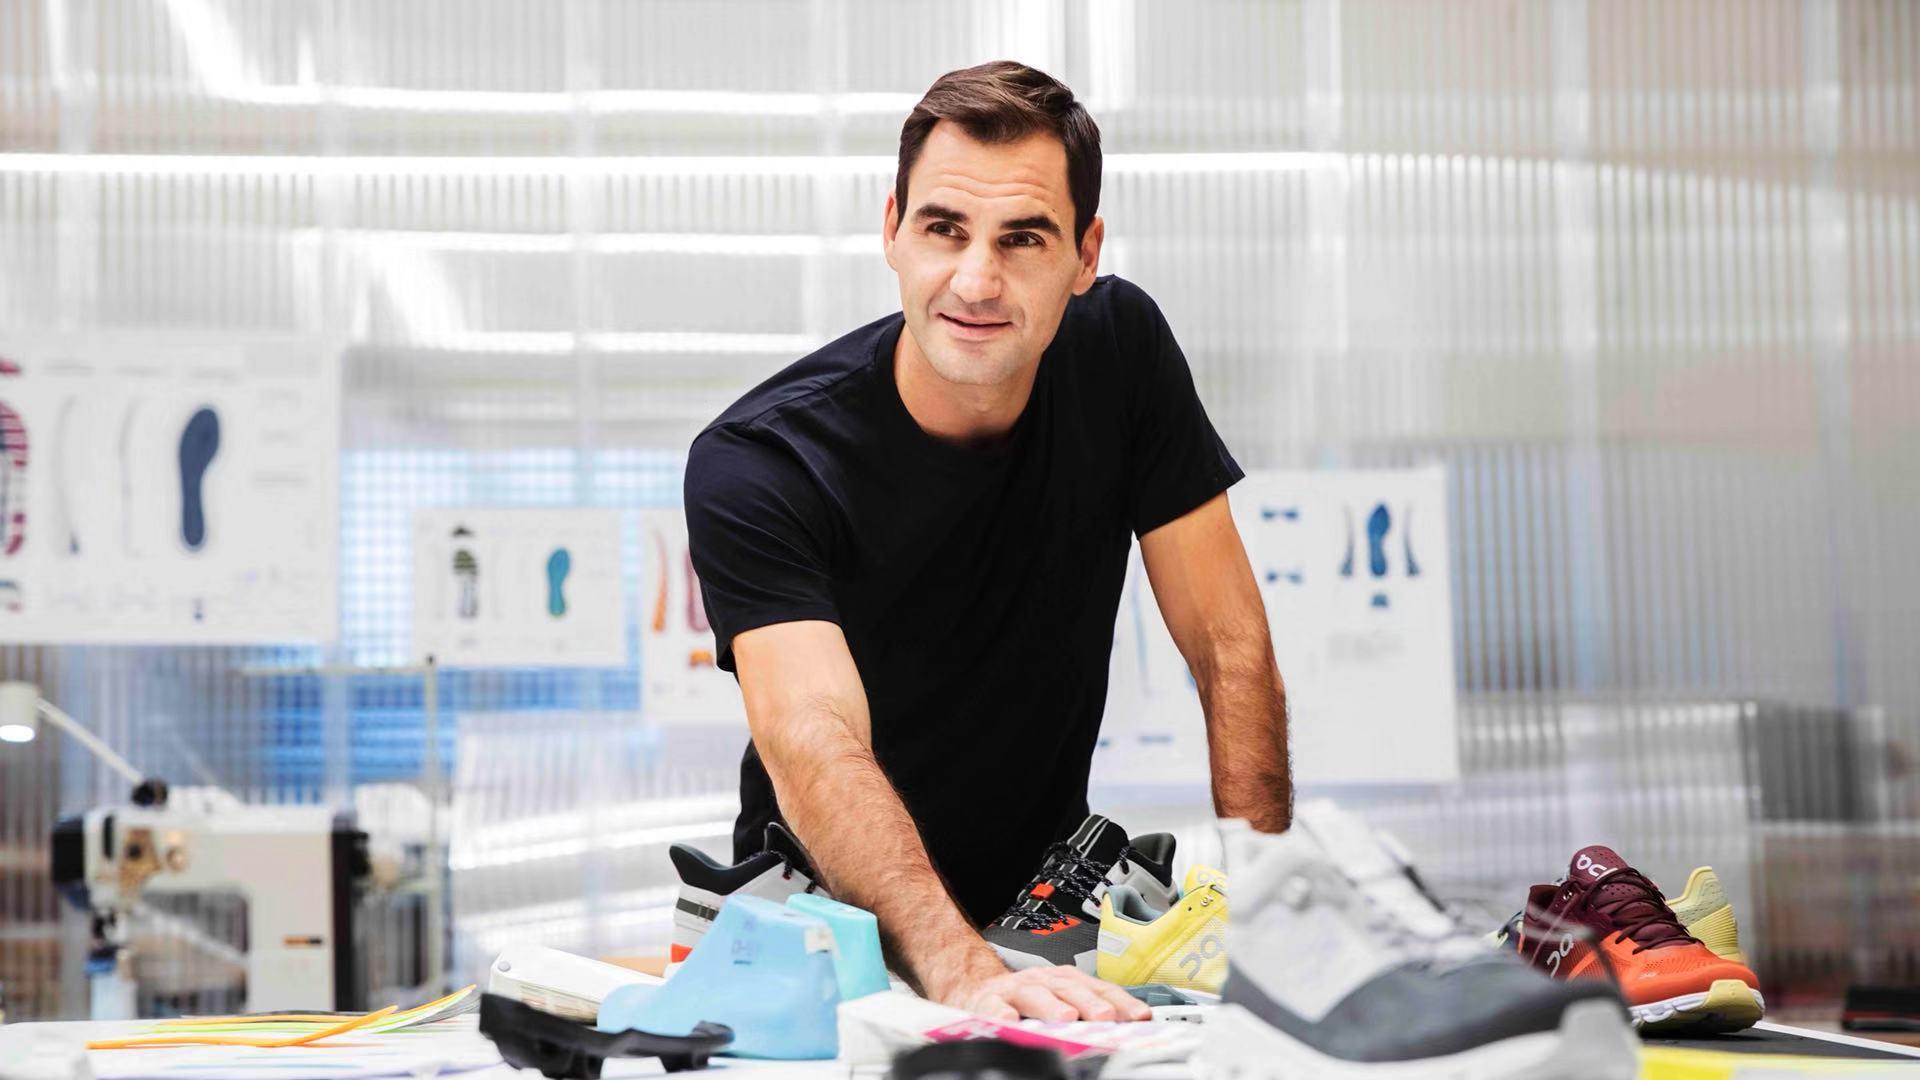 费德勒投资瑞士运动品牌「On昂跑」,设计新品将在明年上市